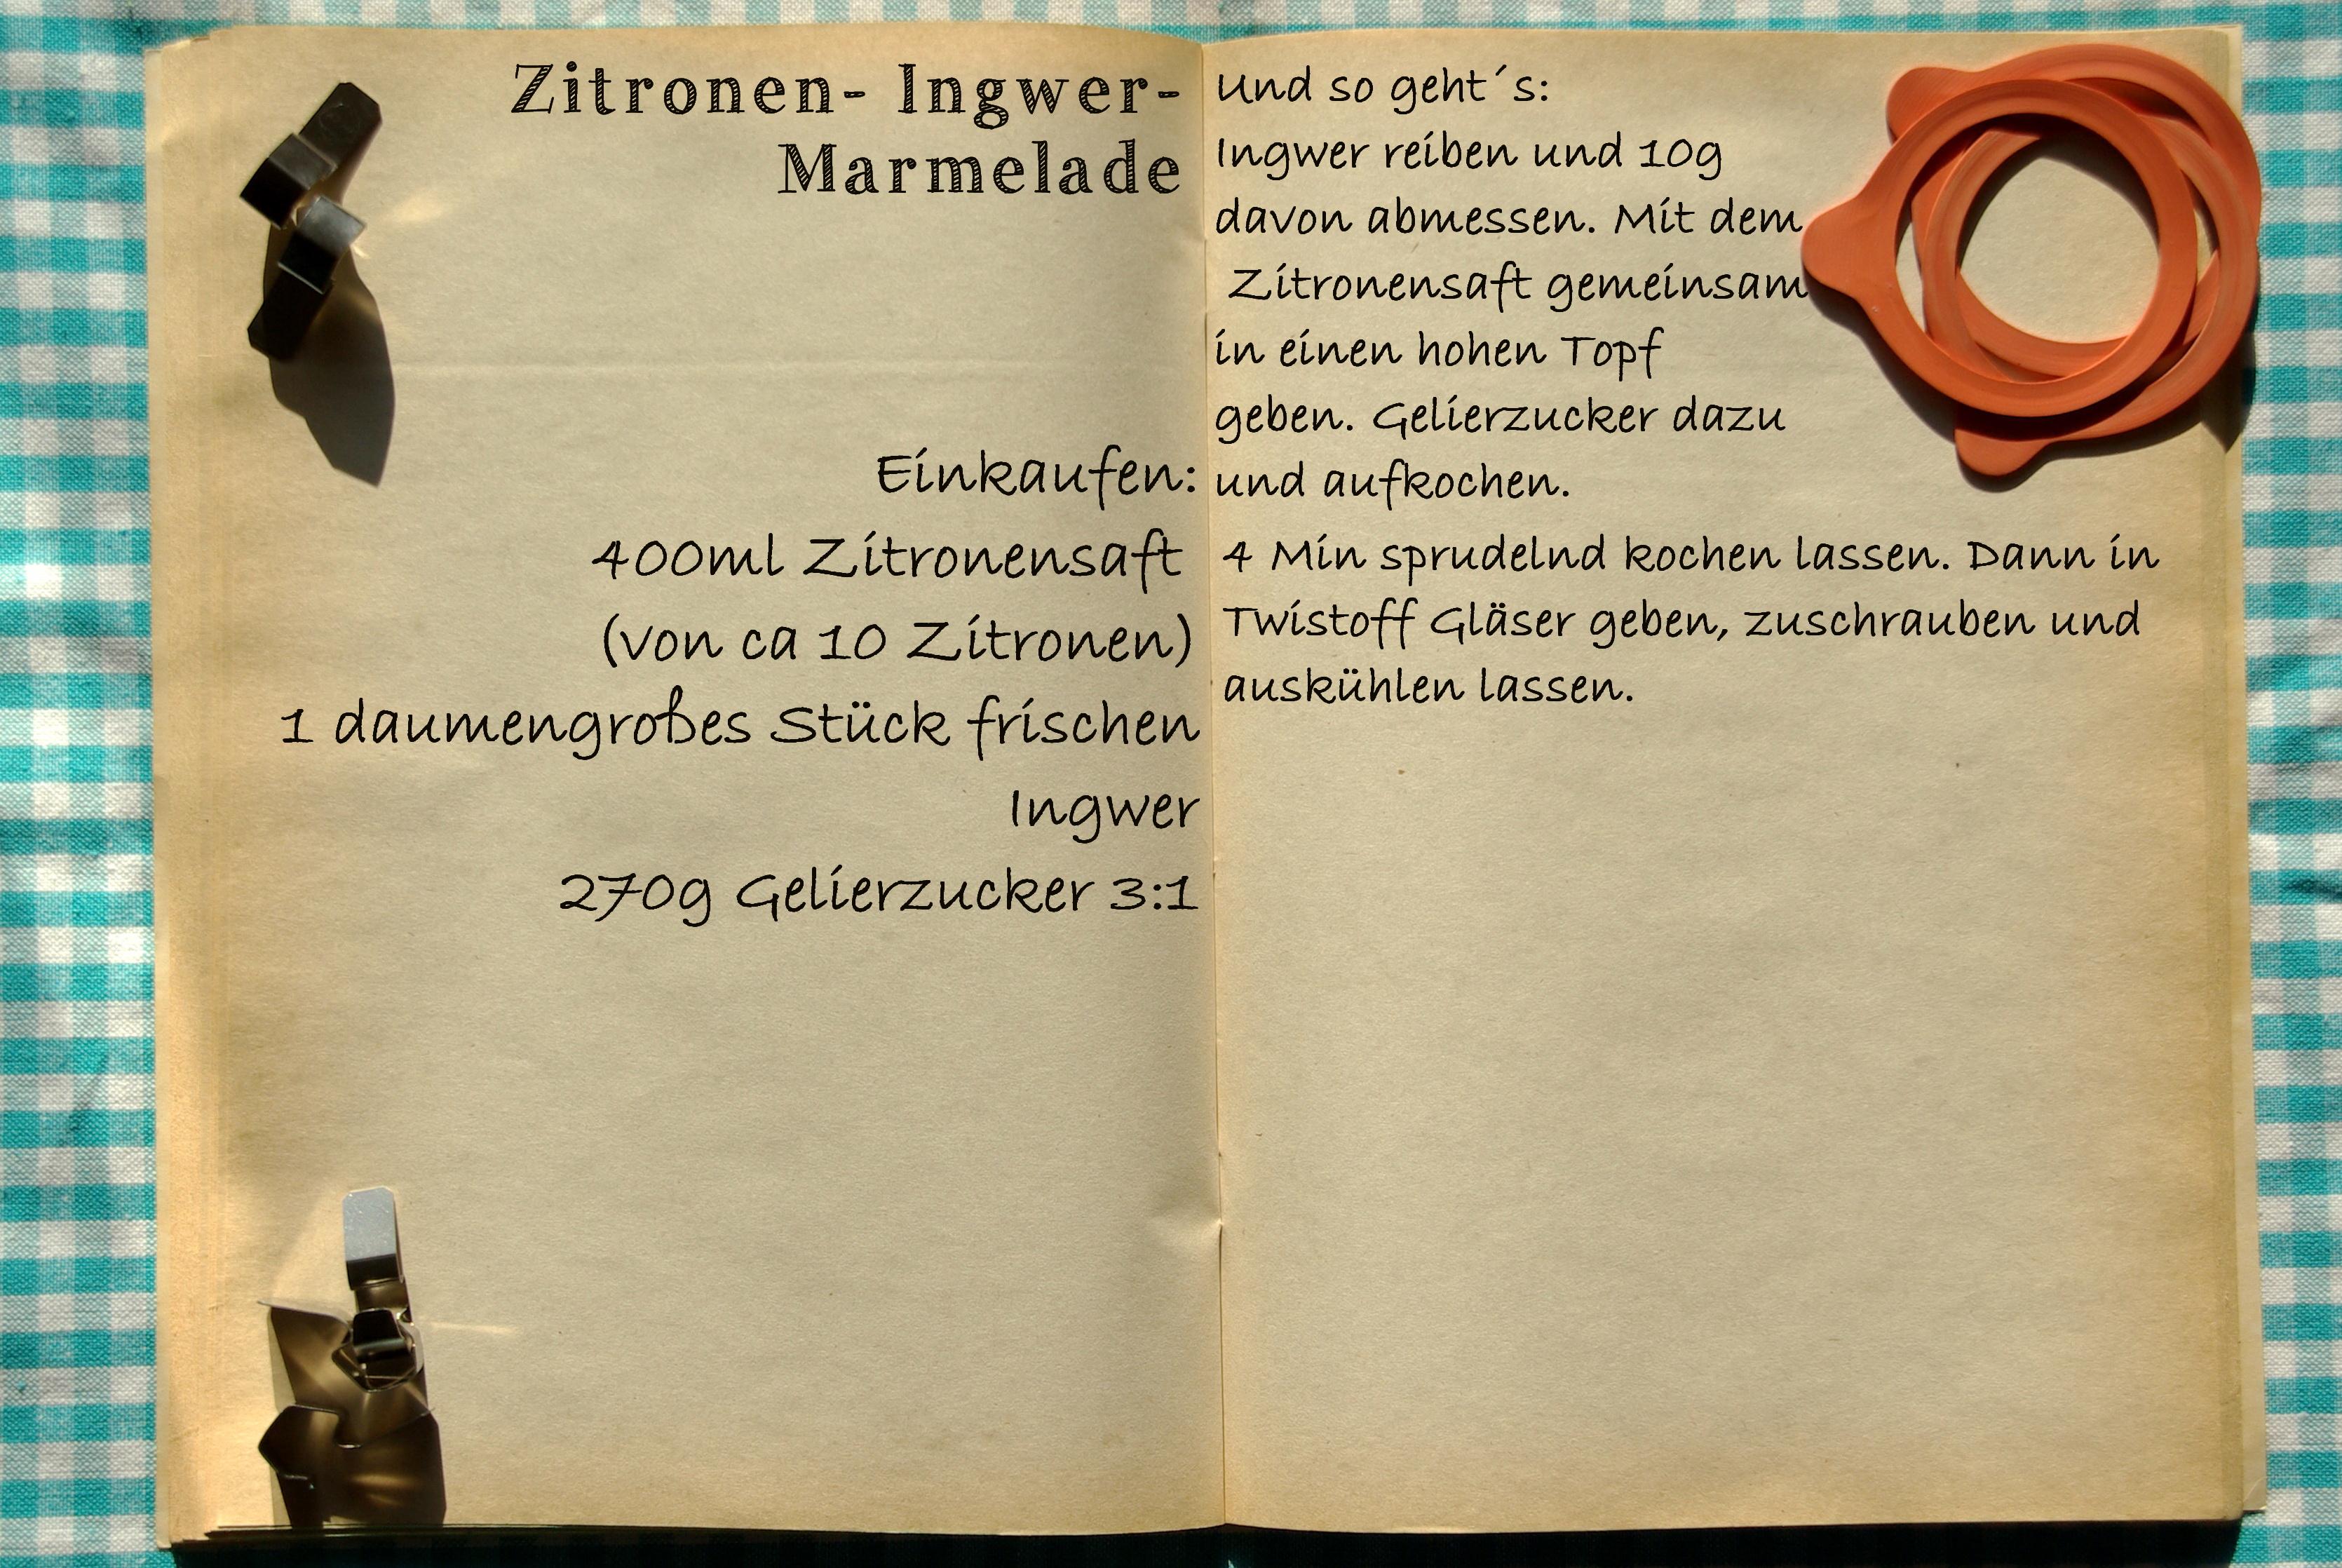 Einkaufszettel Ingwer Zitronen Marmelade by Glasgeflüster